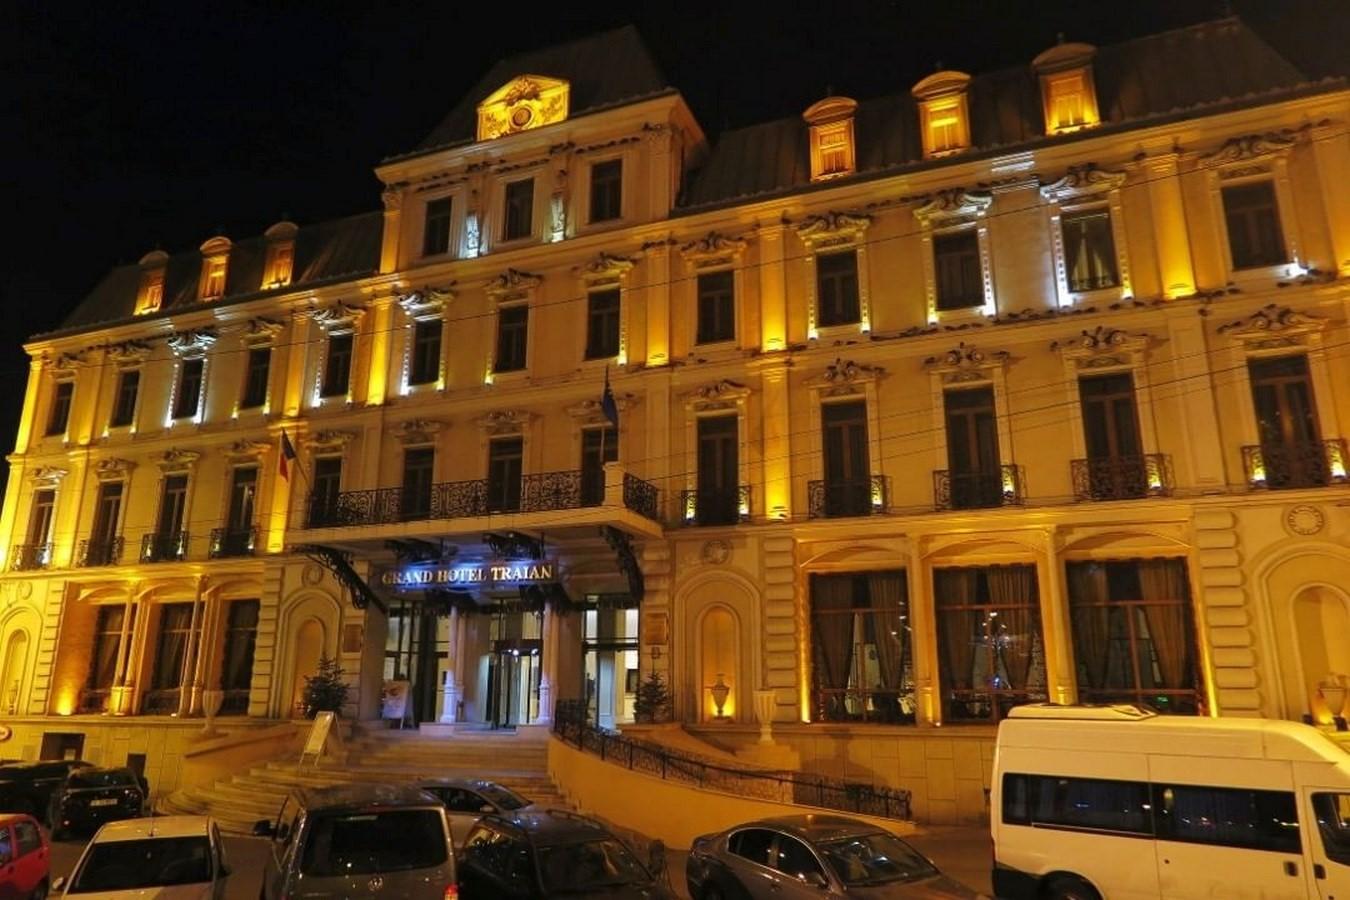 Grand Hotel Traian - 1882 - Sheet2